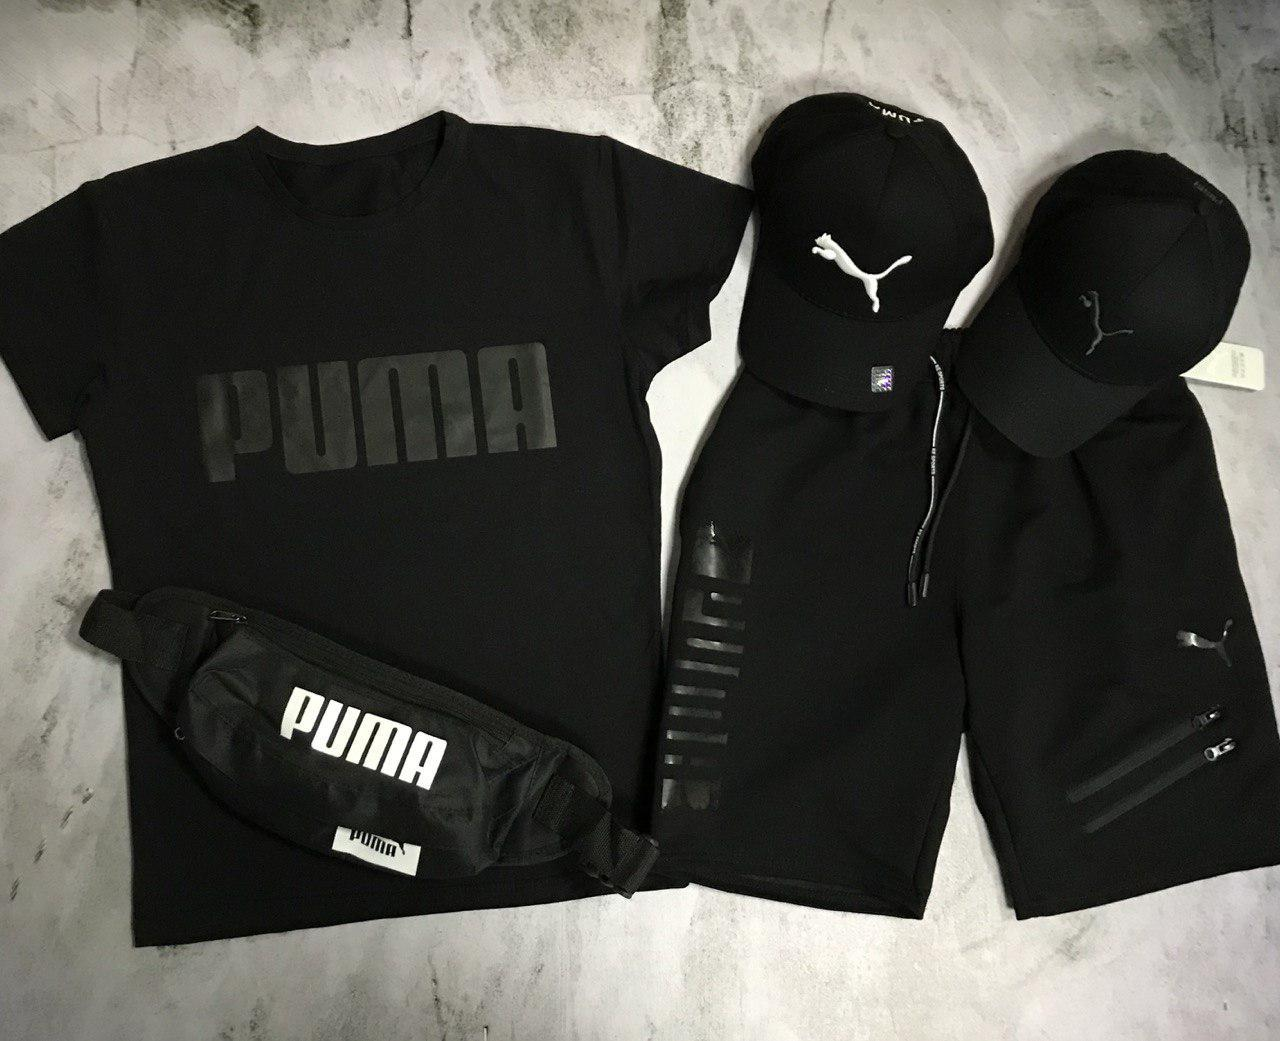 Чоловічий спортивний костюм (футболка і шорти) Puma Total Black